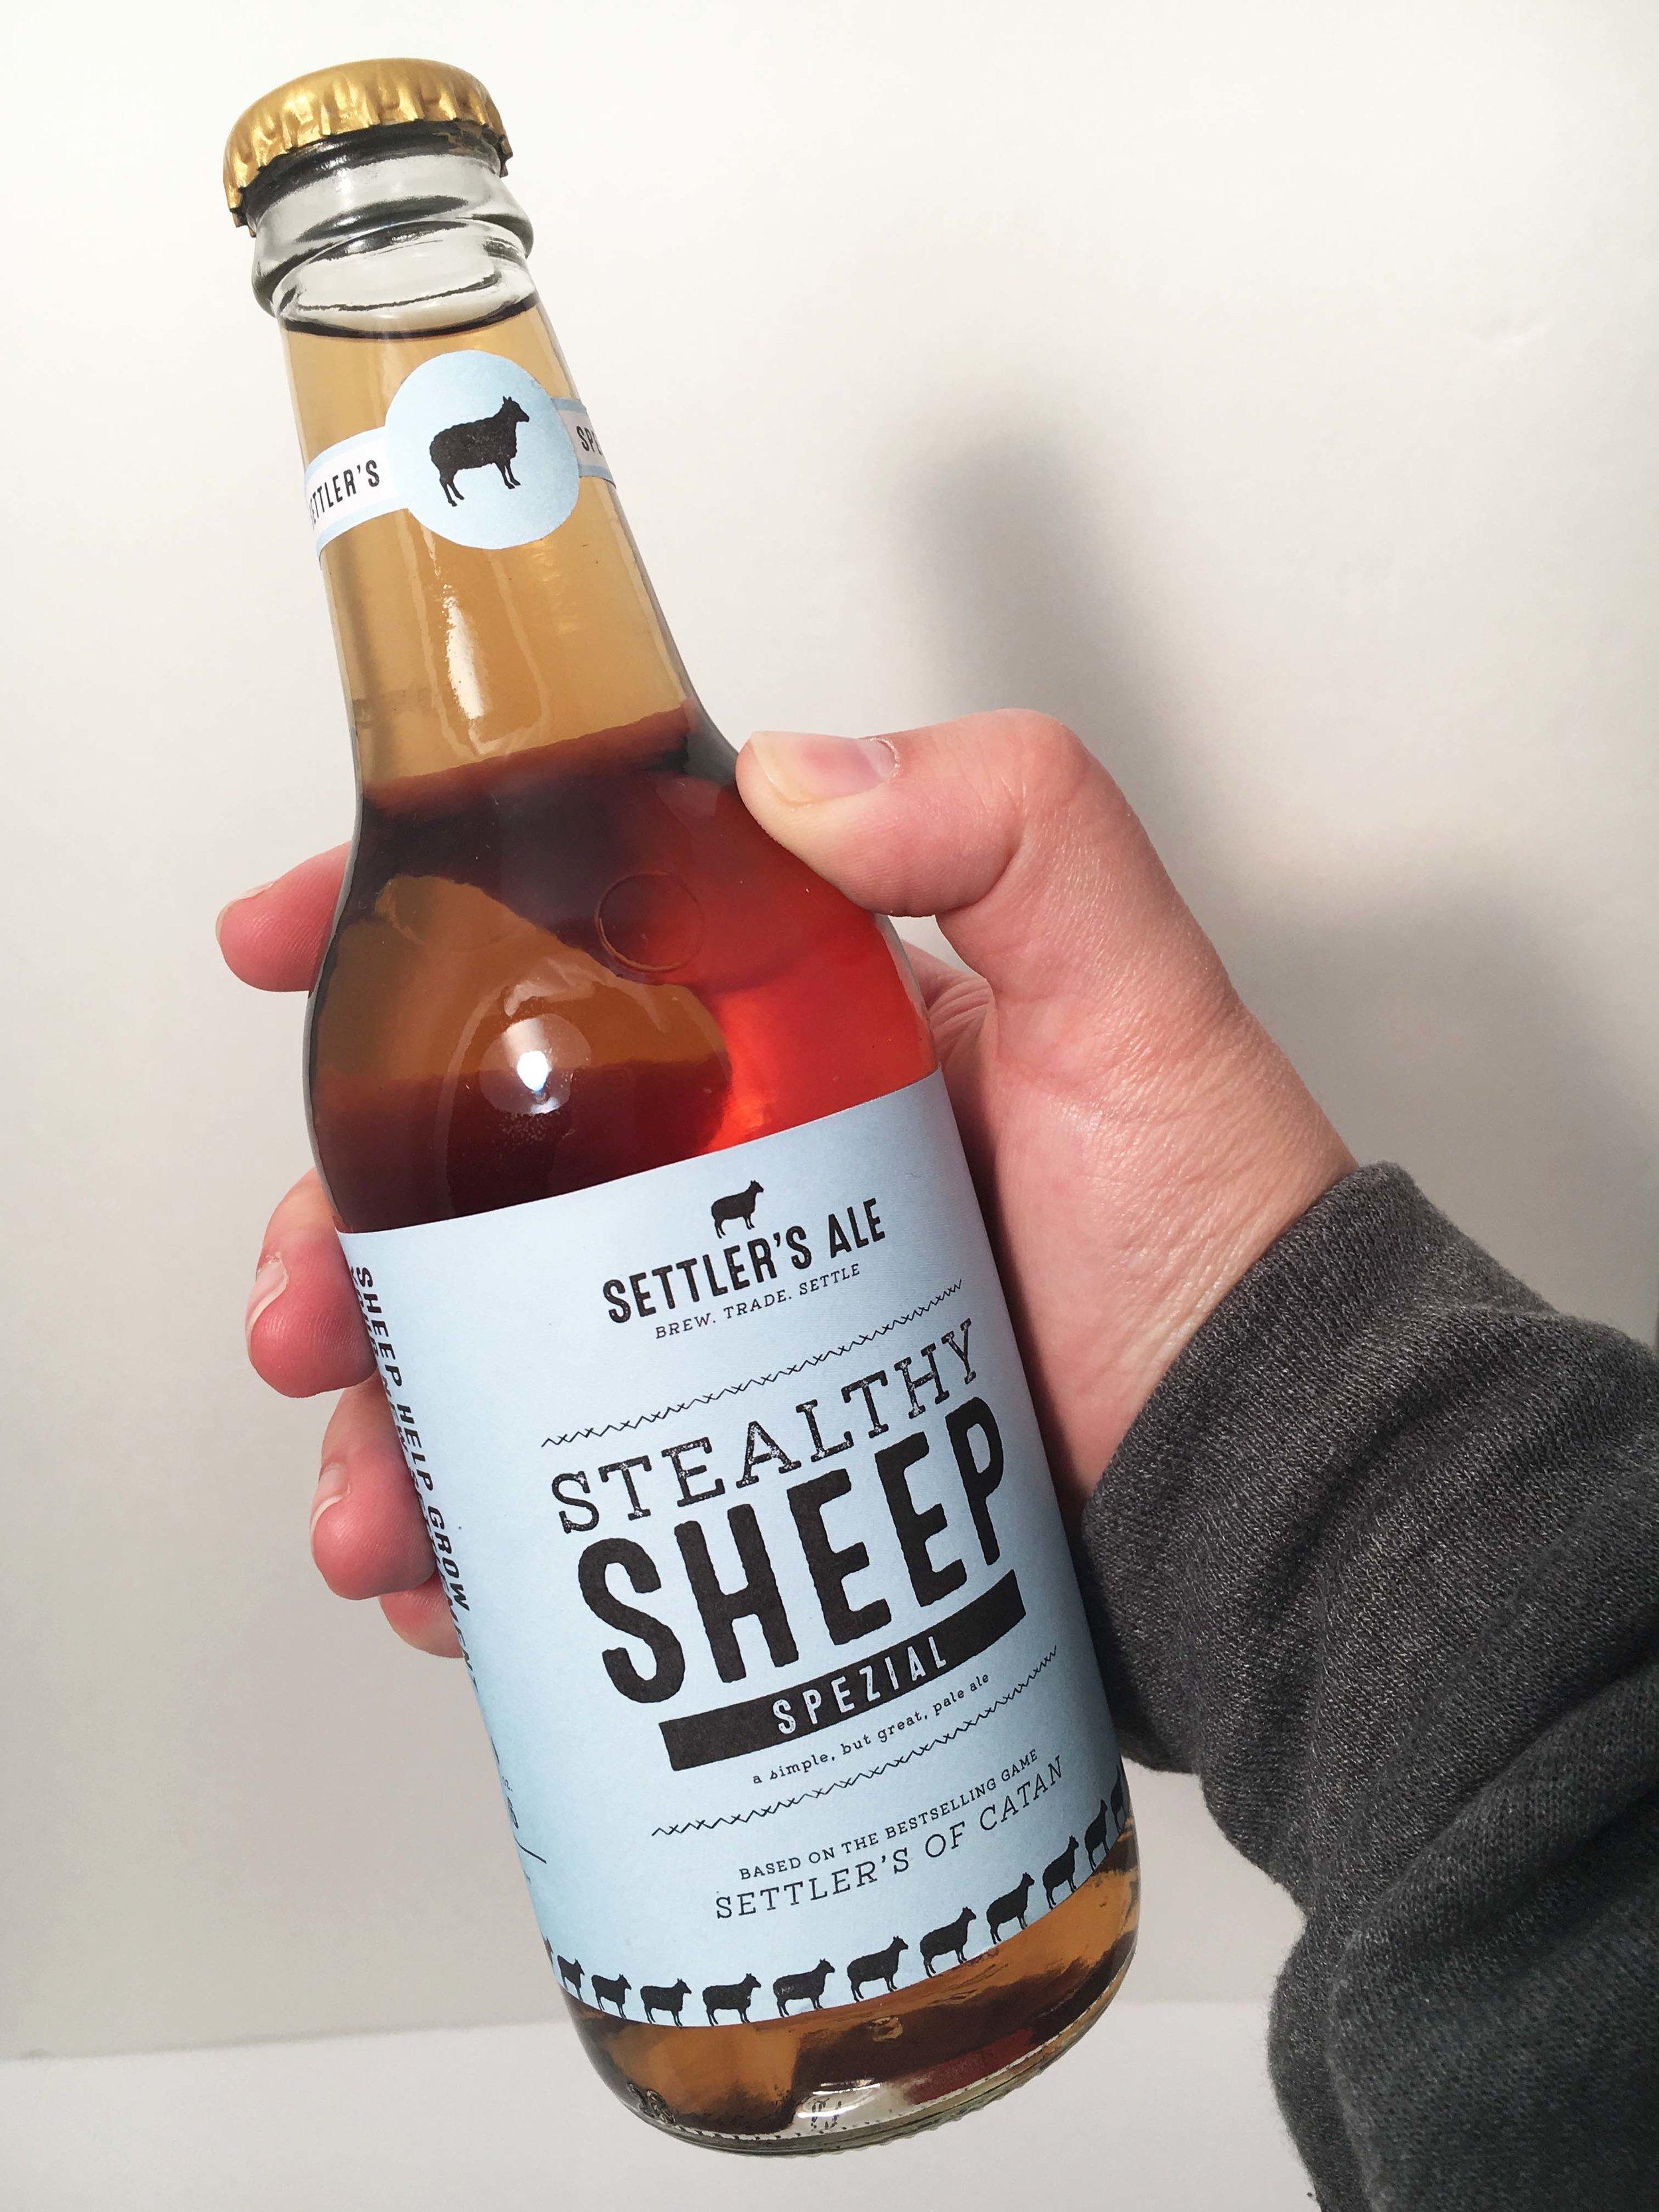 Elizabeth Allebach Settlers of Catan Beer